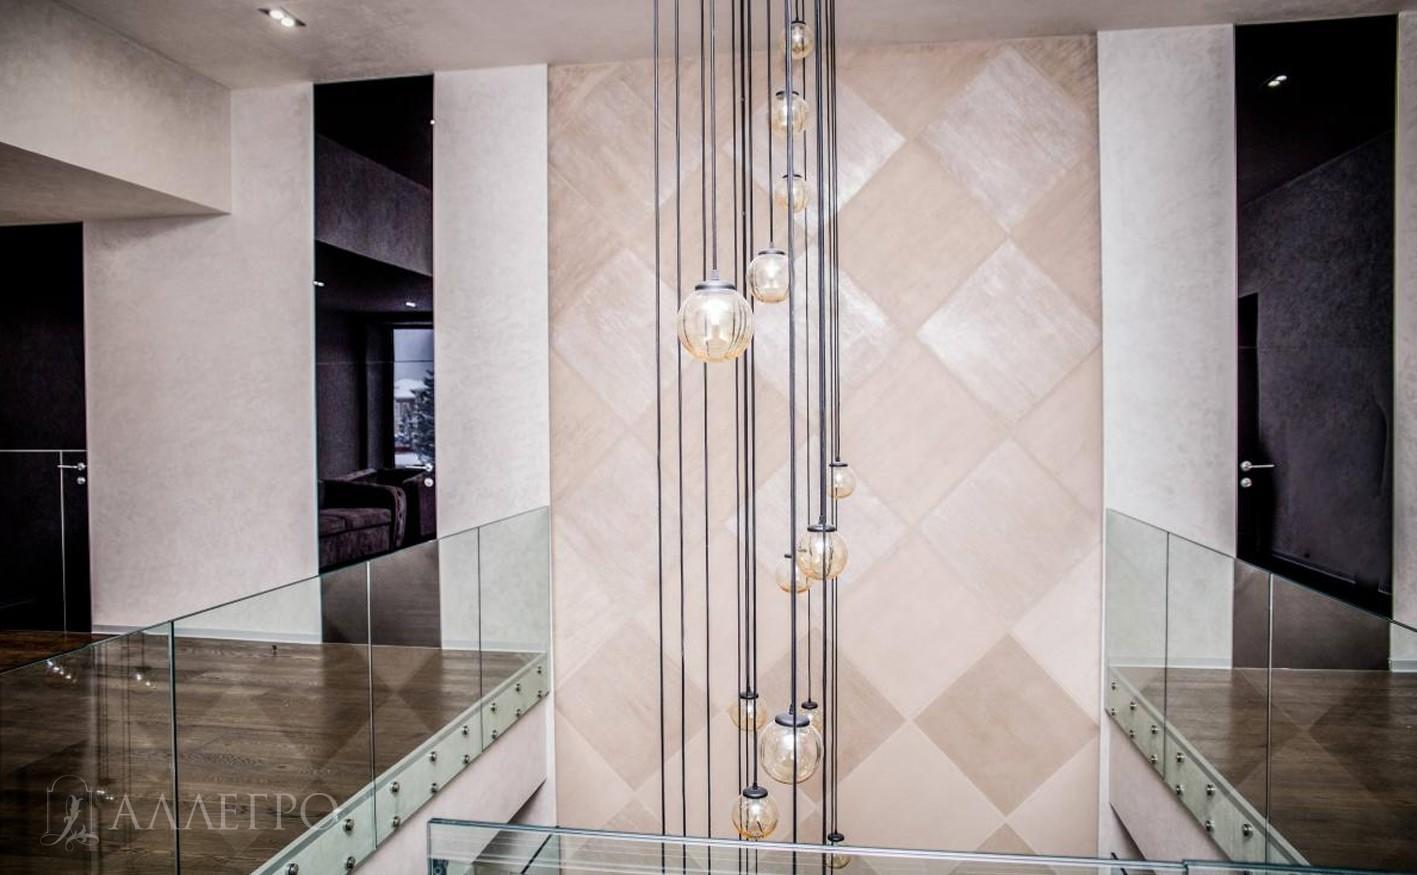 В тех проемах, где не было возможности сделать дверь от пола до полотка, мы сверху клеили стеклянные панели, выкрашенные точно в такой цвет, как и сами двери.